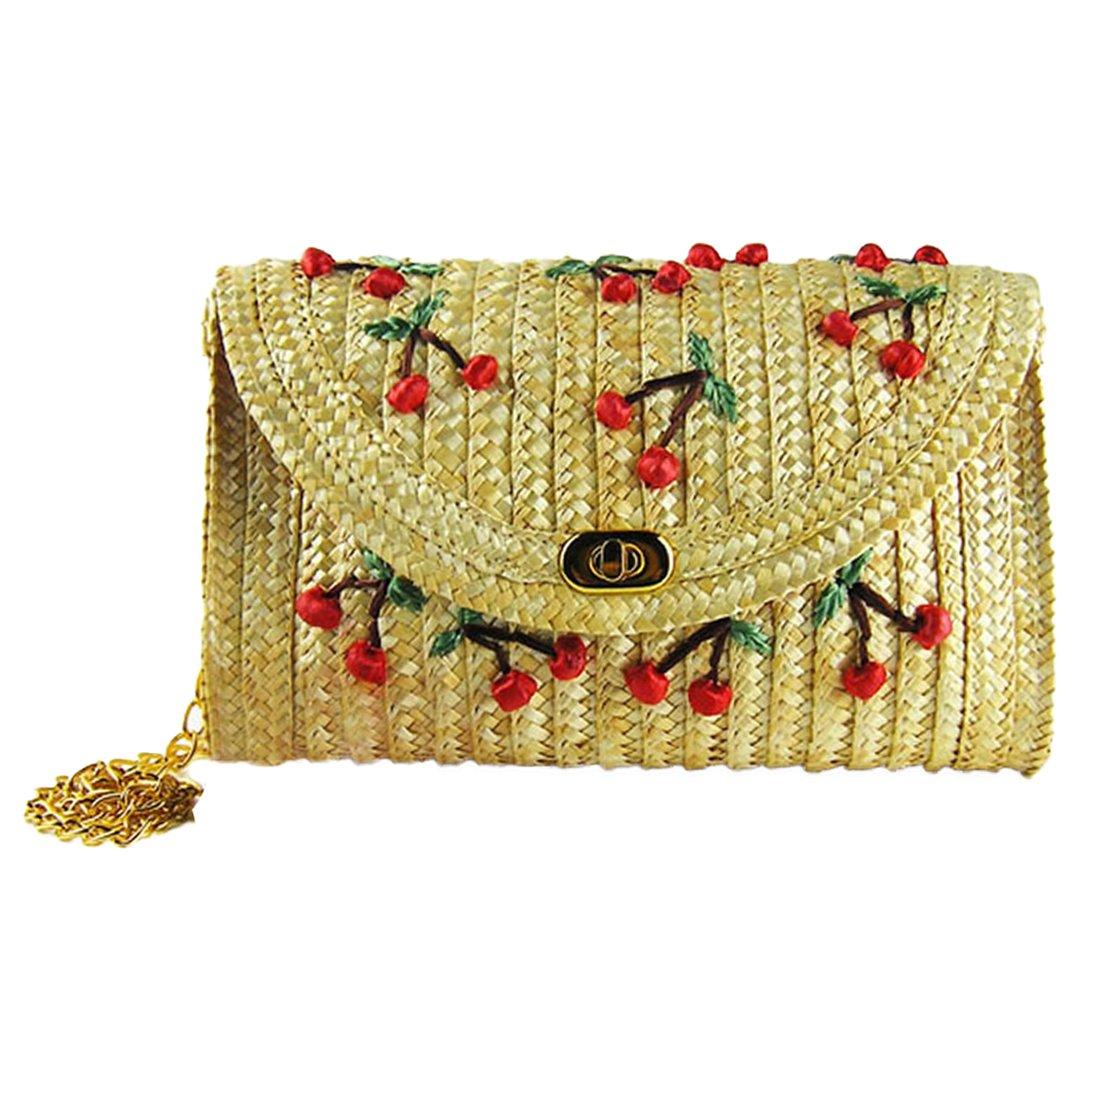 Straw bags for Women Woven Summer Beach bag Evening Clutch Purse (Cherry)